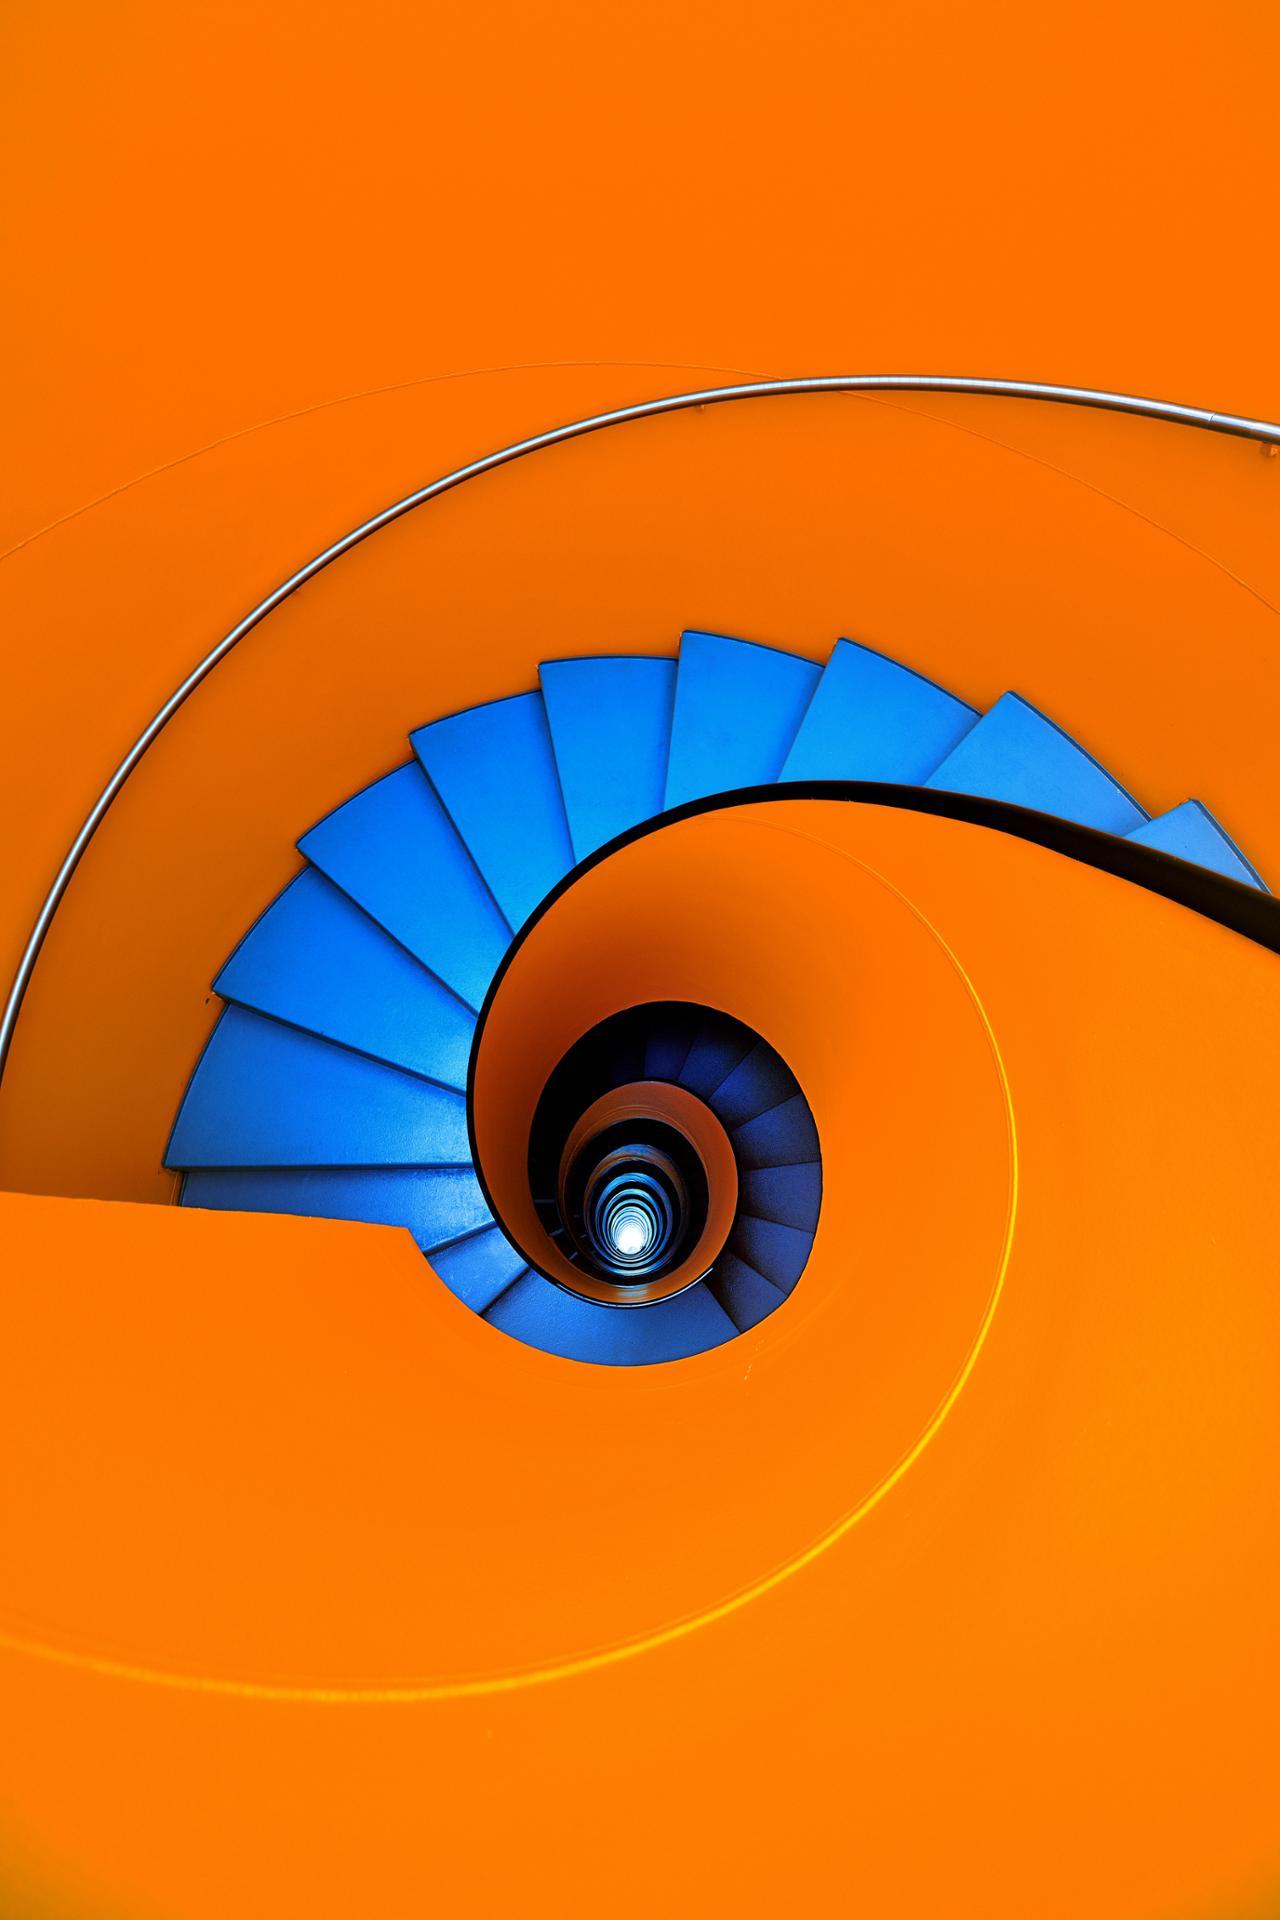 Blue as an orange